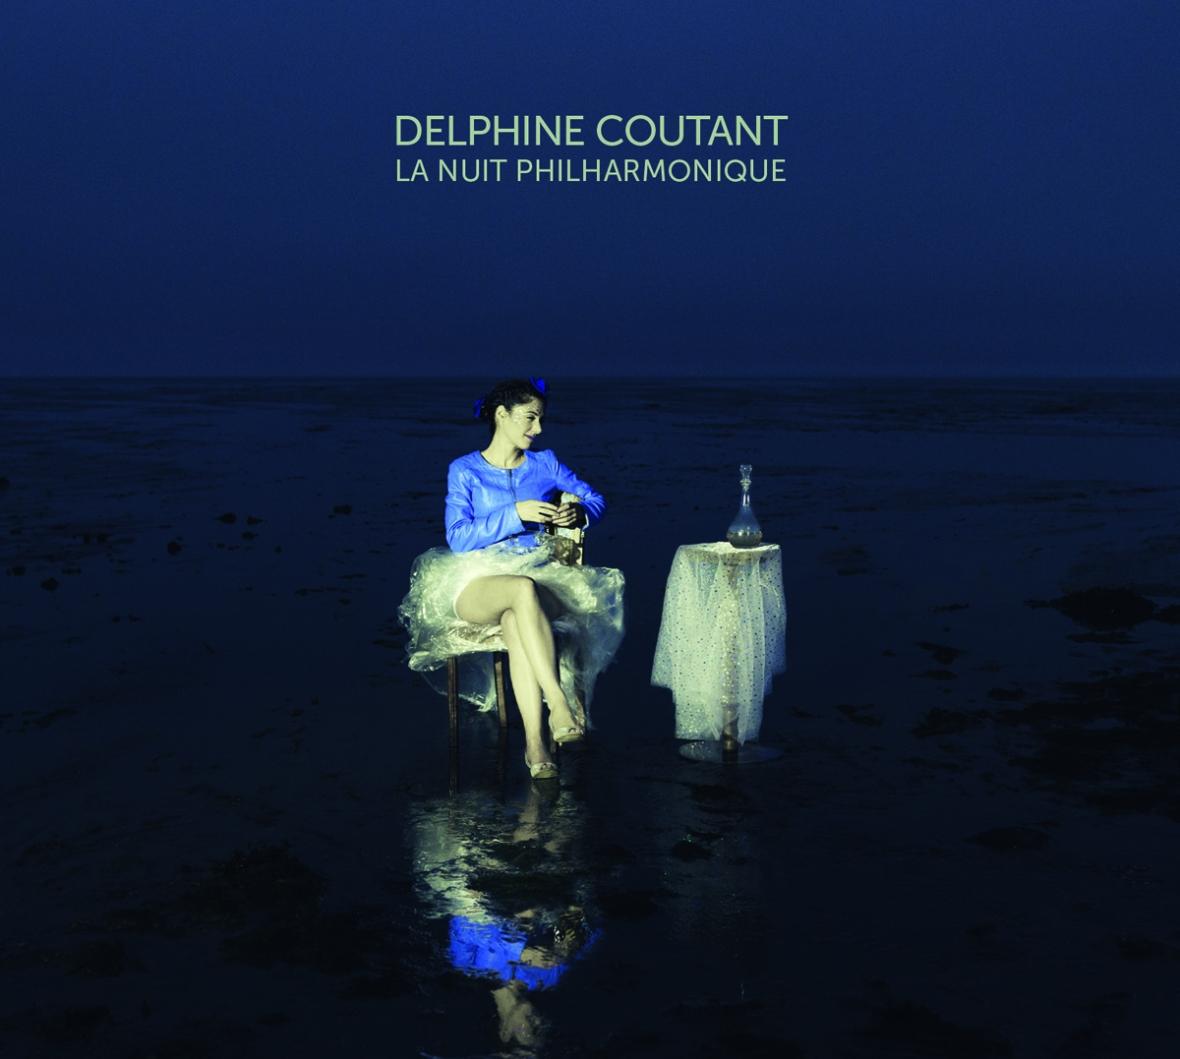 Delphine Coutant : La Nuit Philarmonique